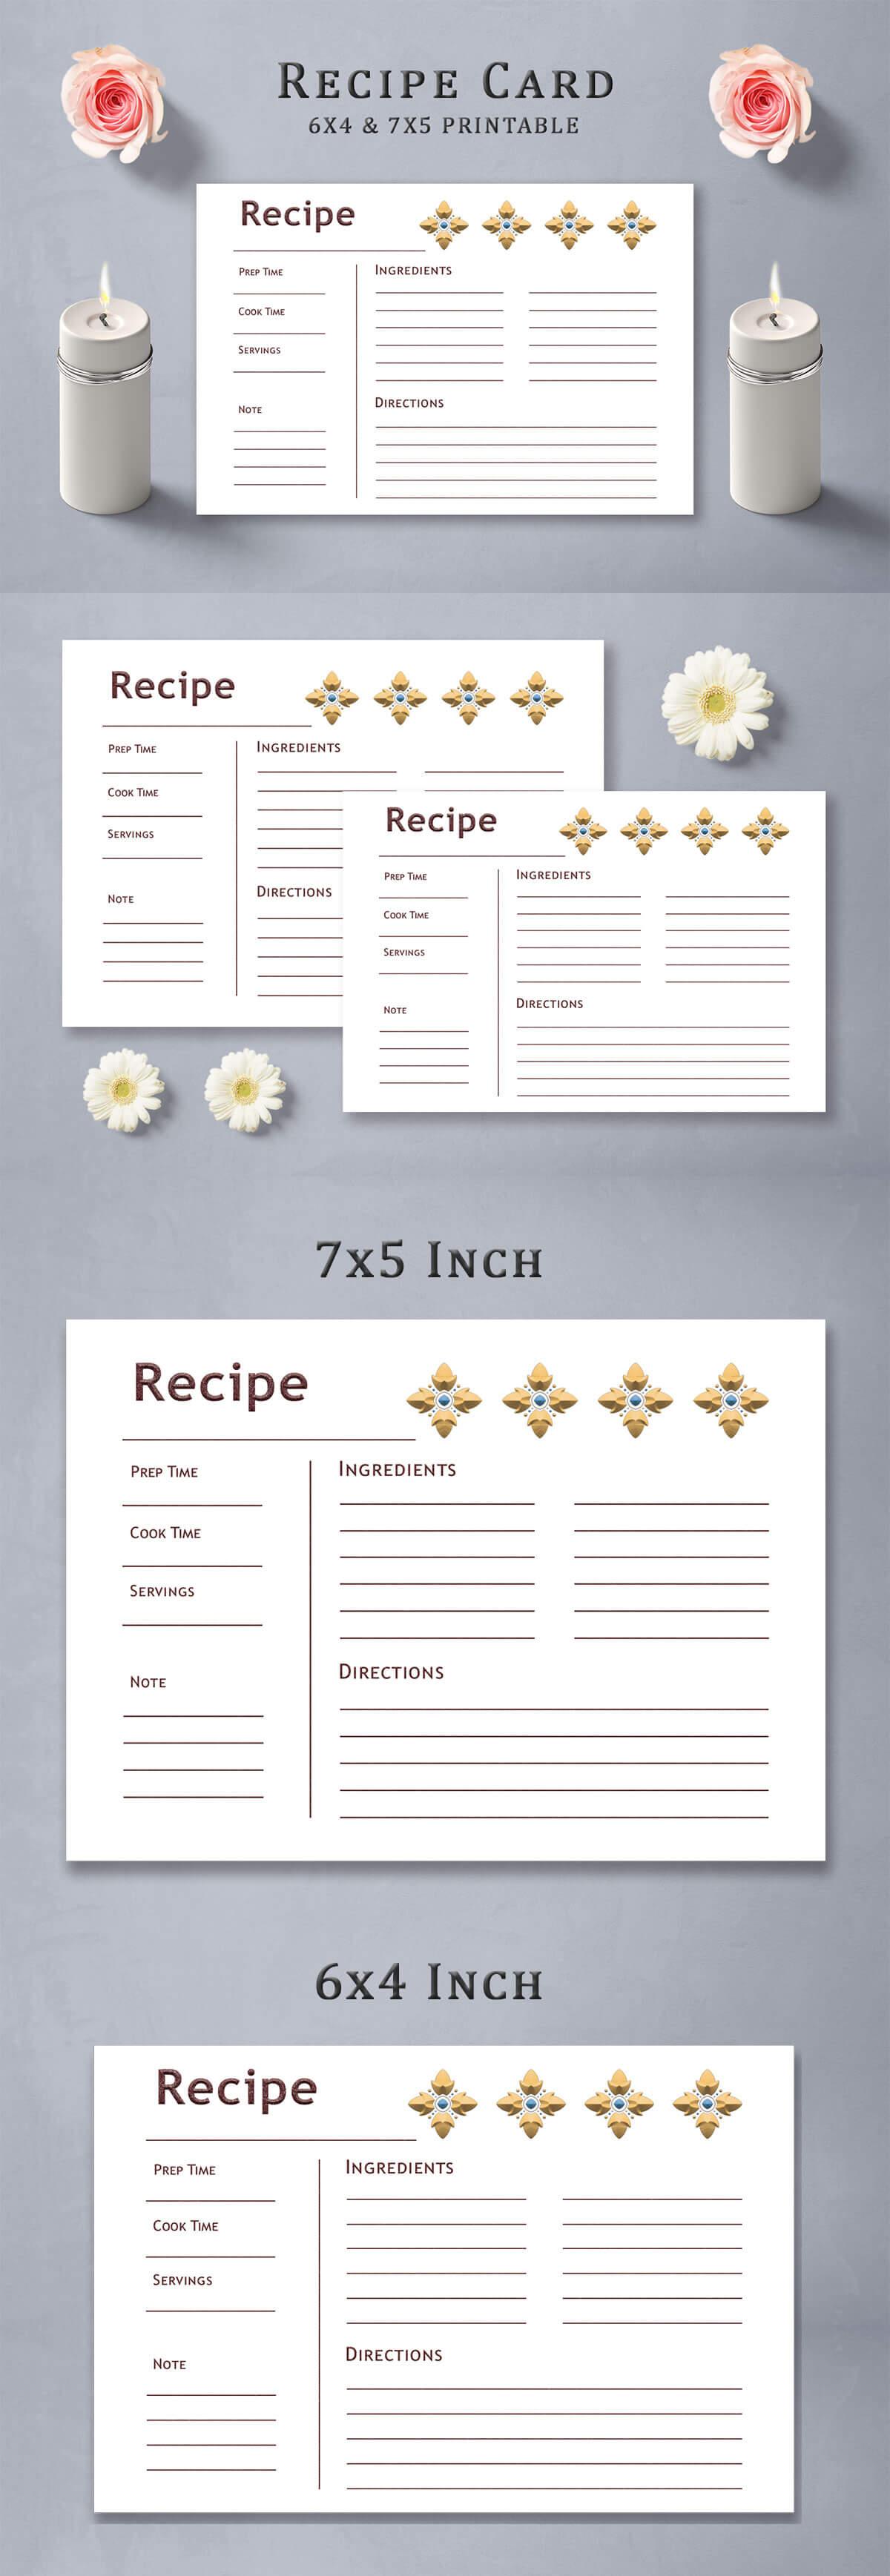 Free Elemental Design Recipe Card Template